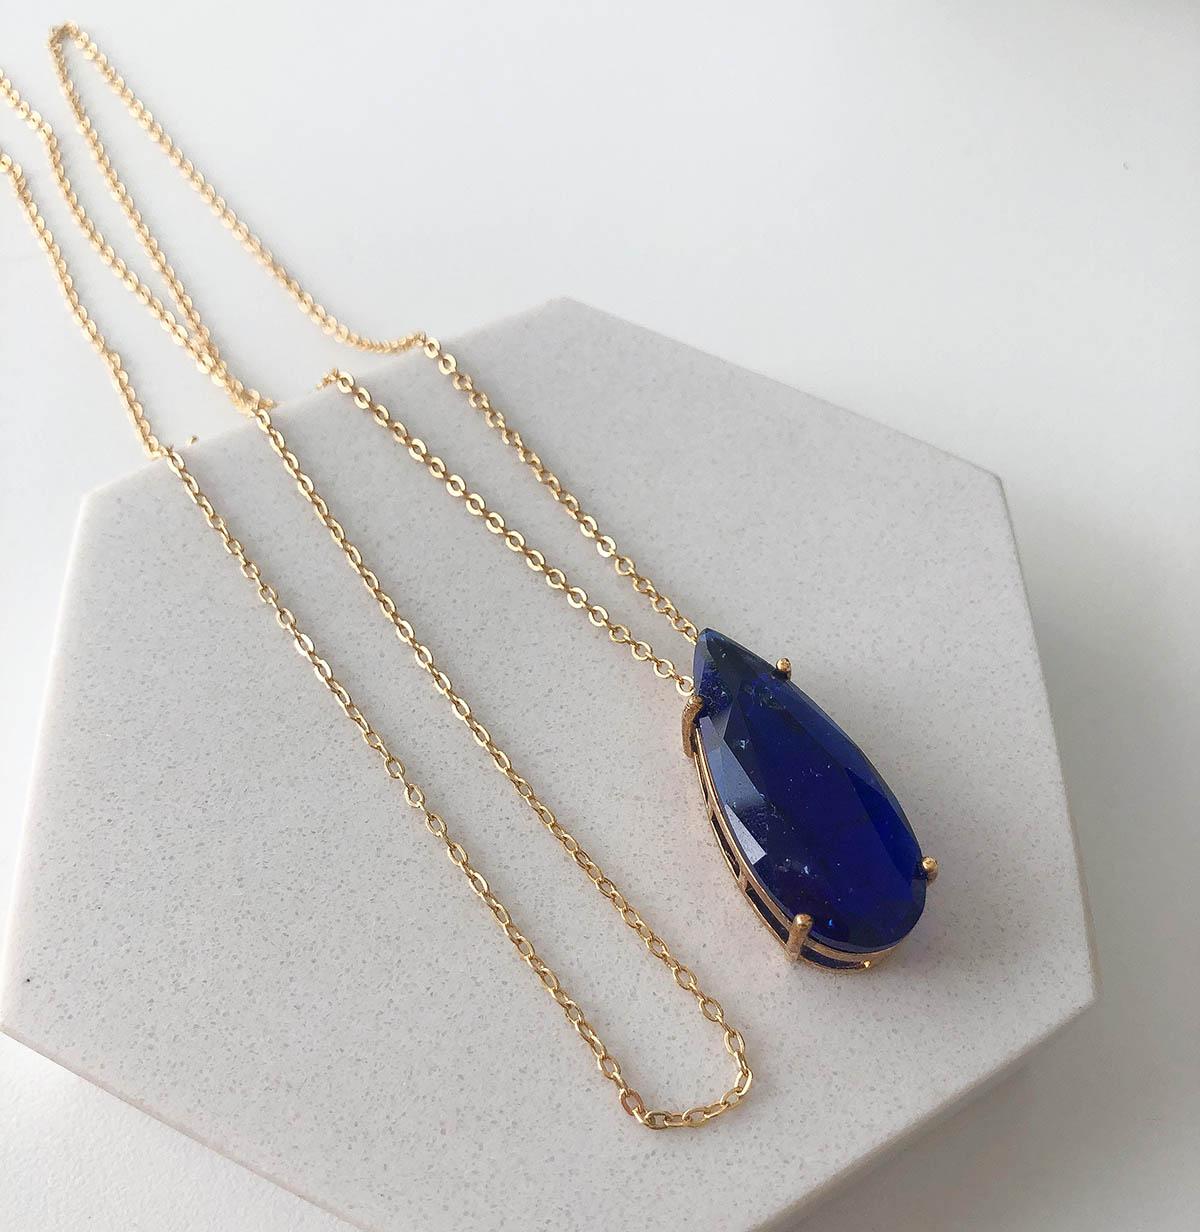 Colar Longo Banhado a Ouro 18k Pedra Gota Azul Bic